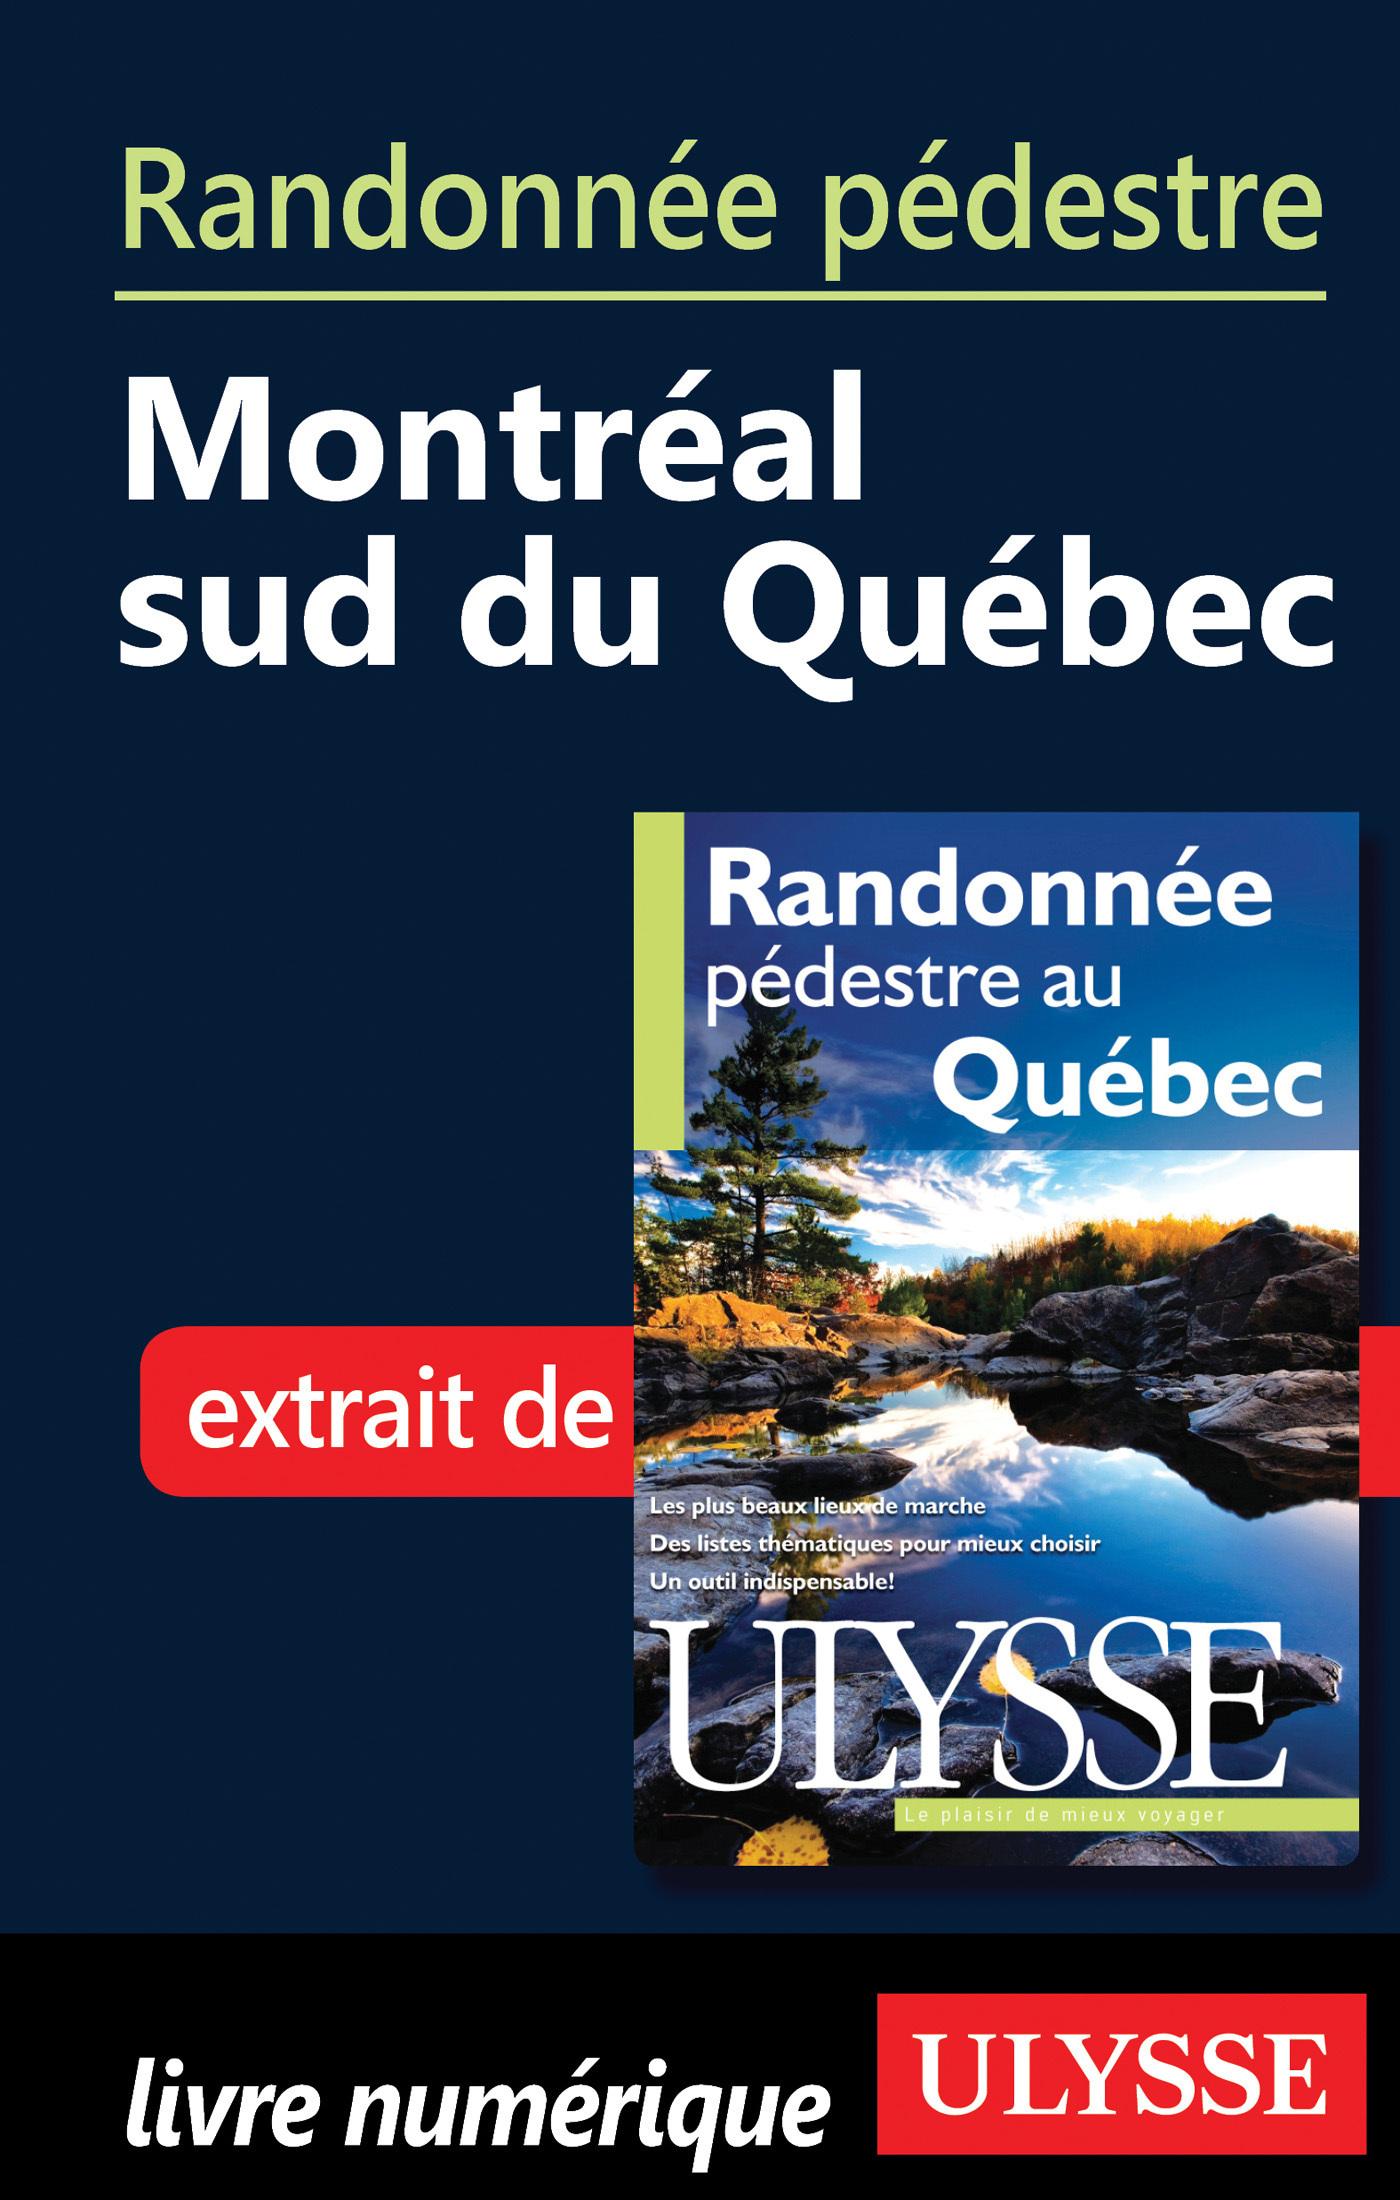 Randonnée pédestre : Montréal - sud du Québec